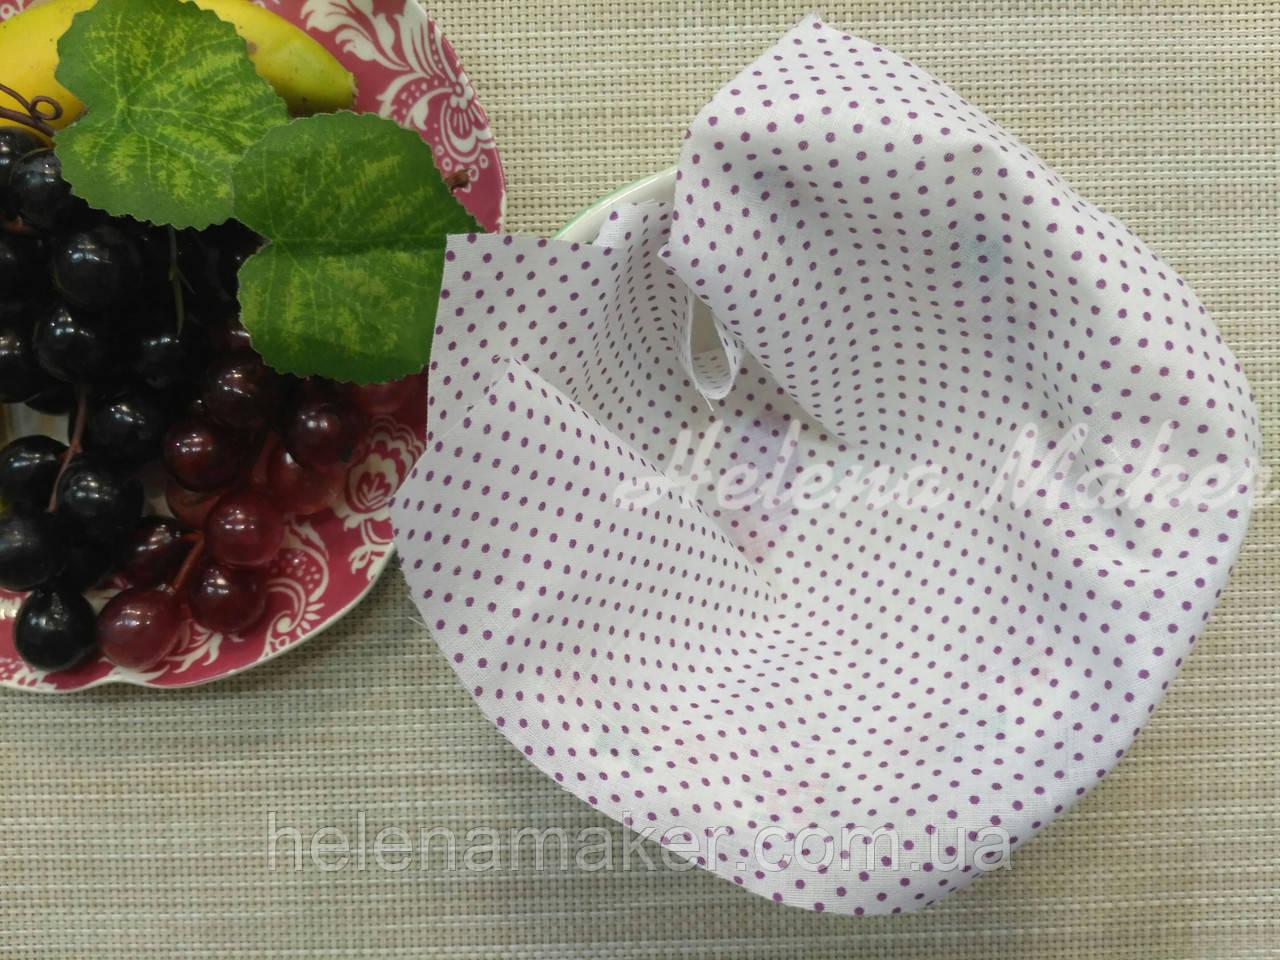 Хлопок для рукоделия Белый в фиолетовый горошек 1 мм   20*25 см